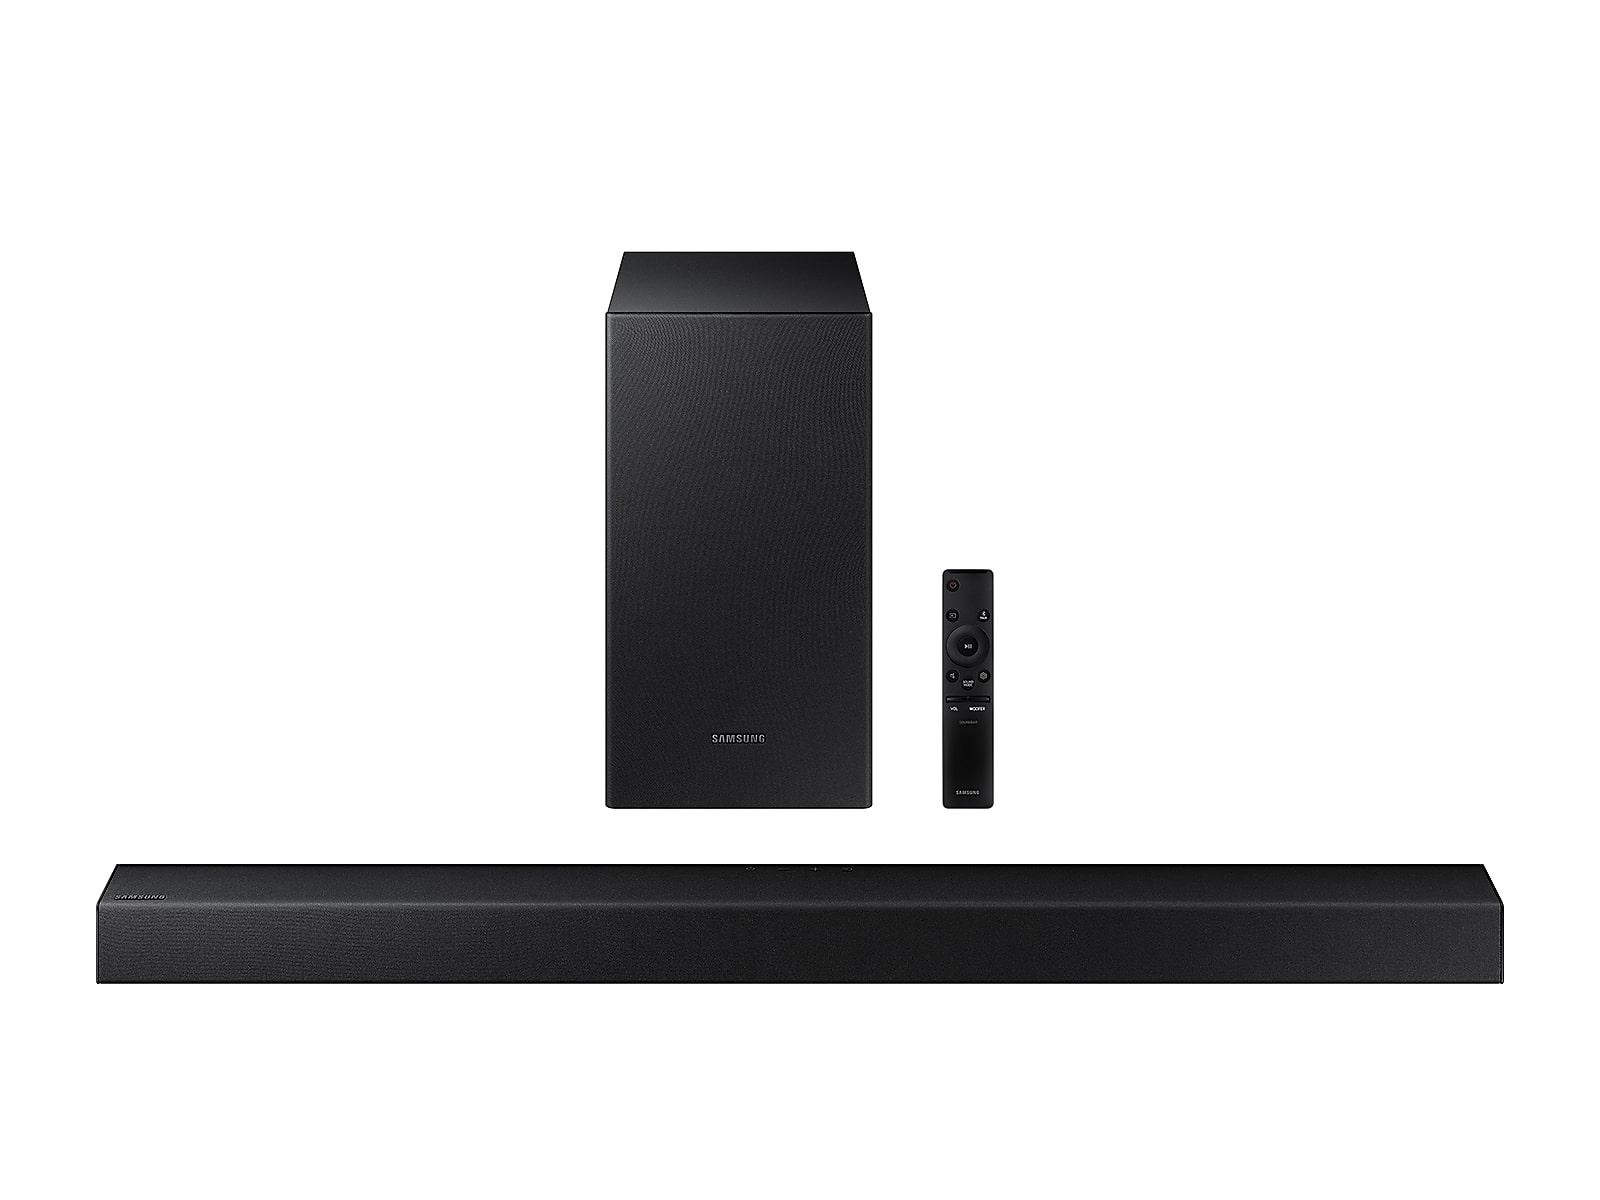 Samsung HW-T450 2.1ch Soundbar w/ Dolby Audio in Black (2020)